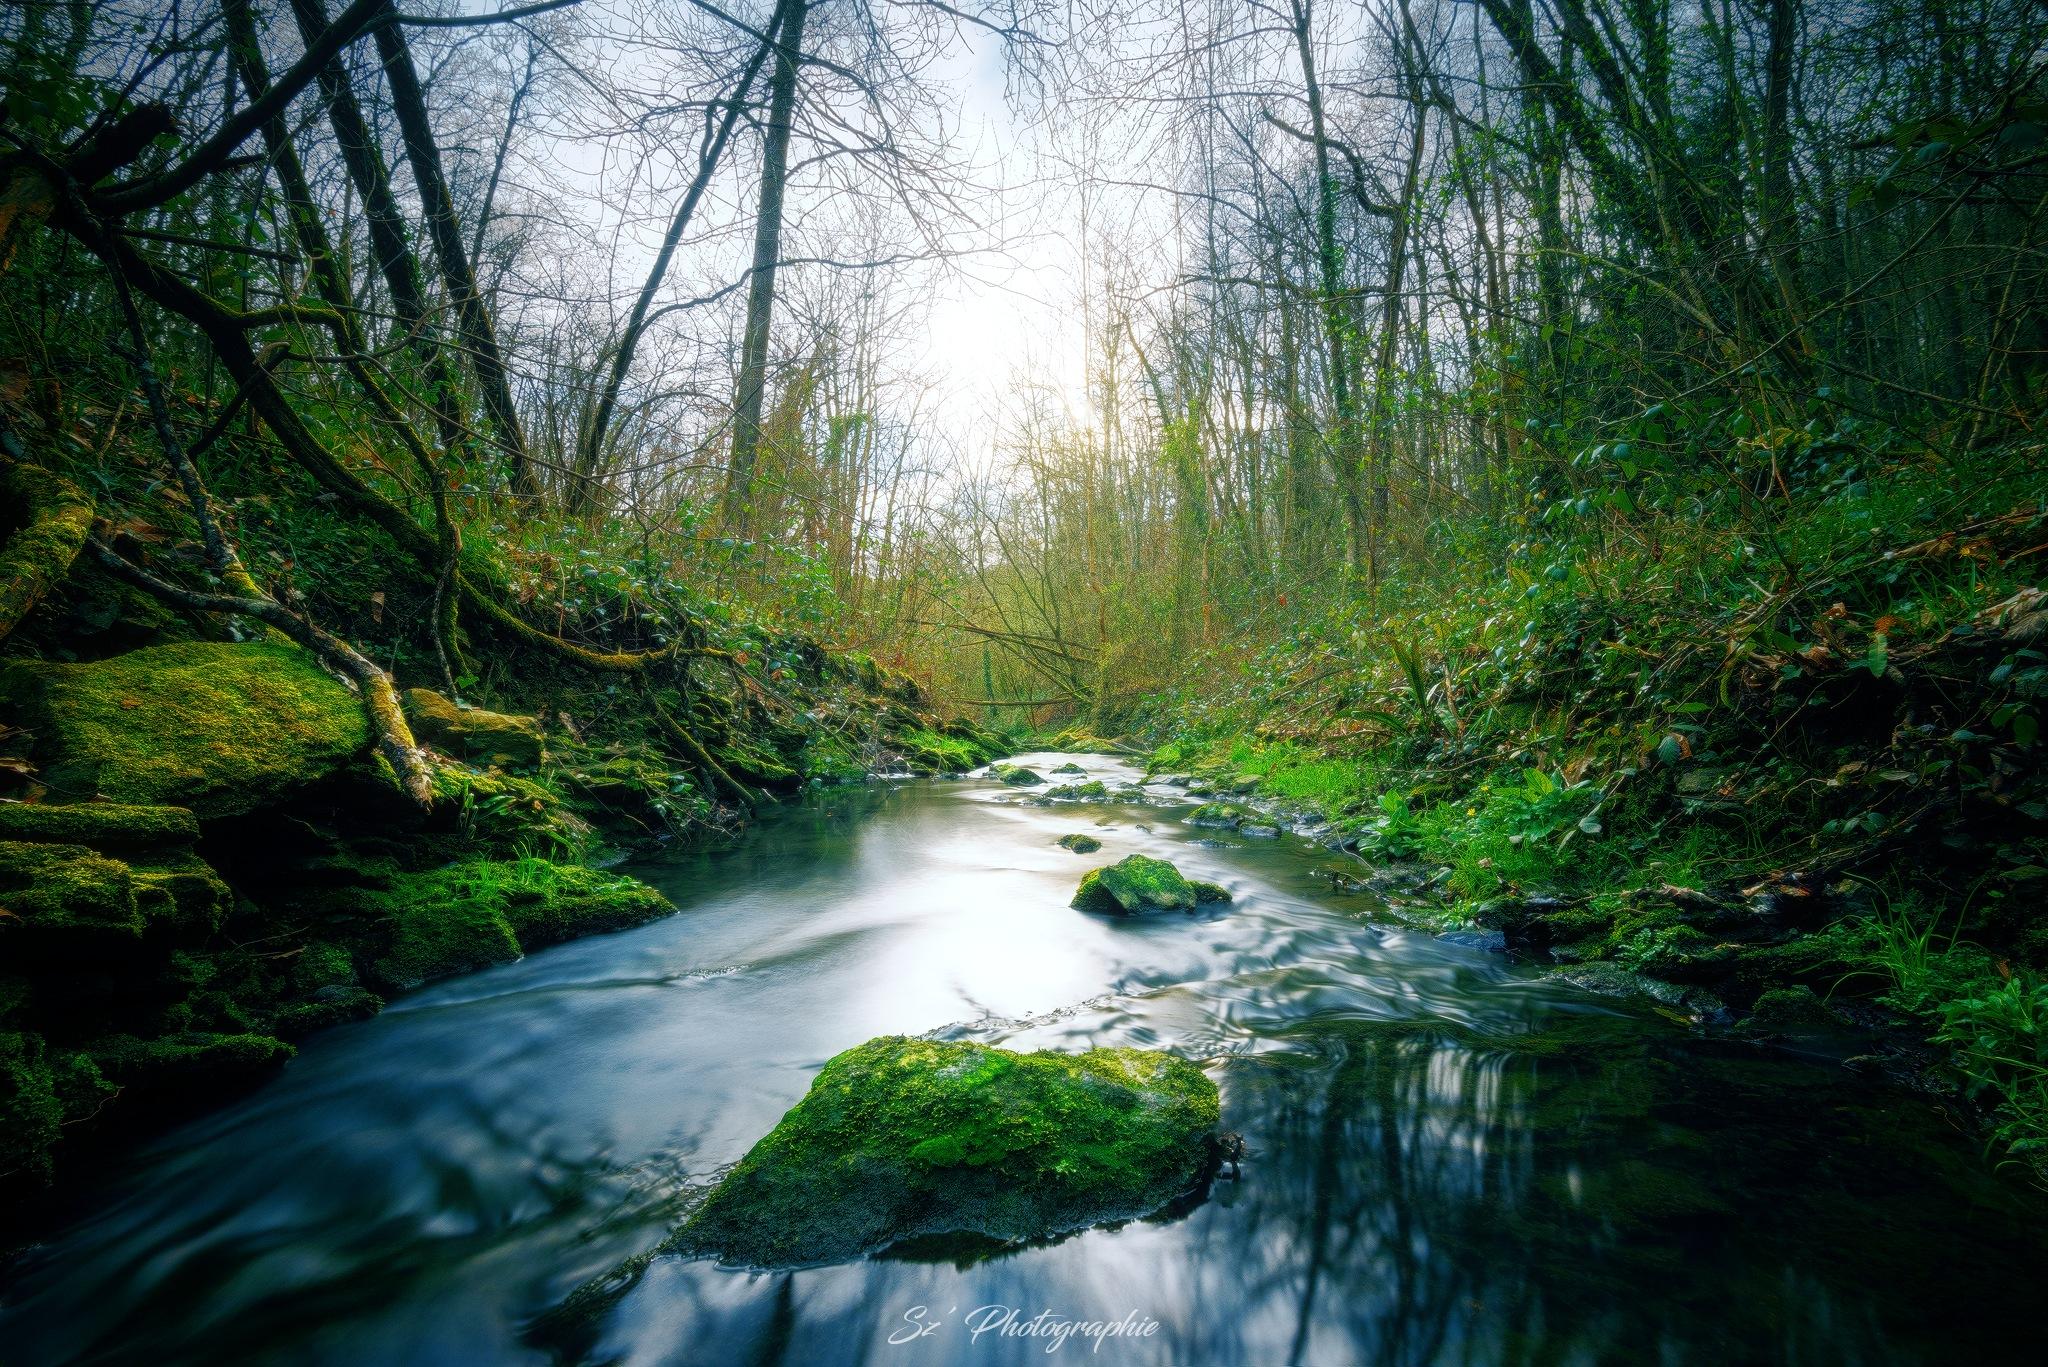 Green vegetation - Végétation bien verte by Sz' Photographie